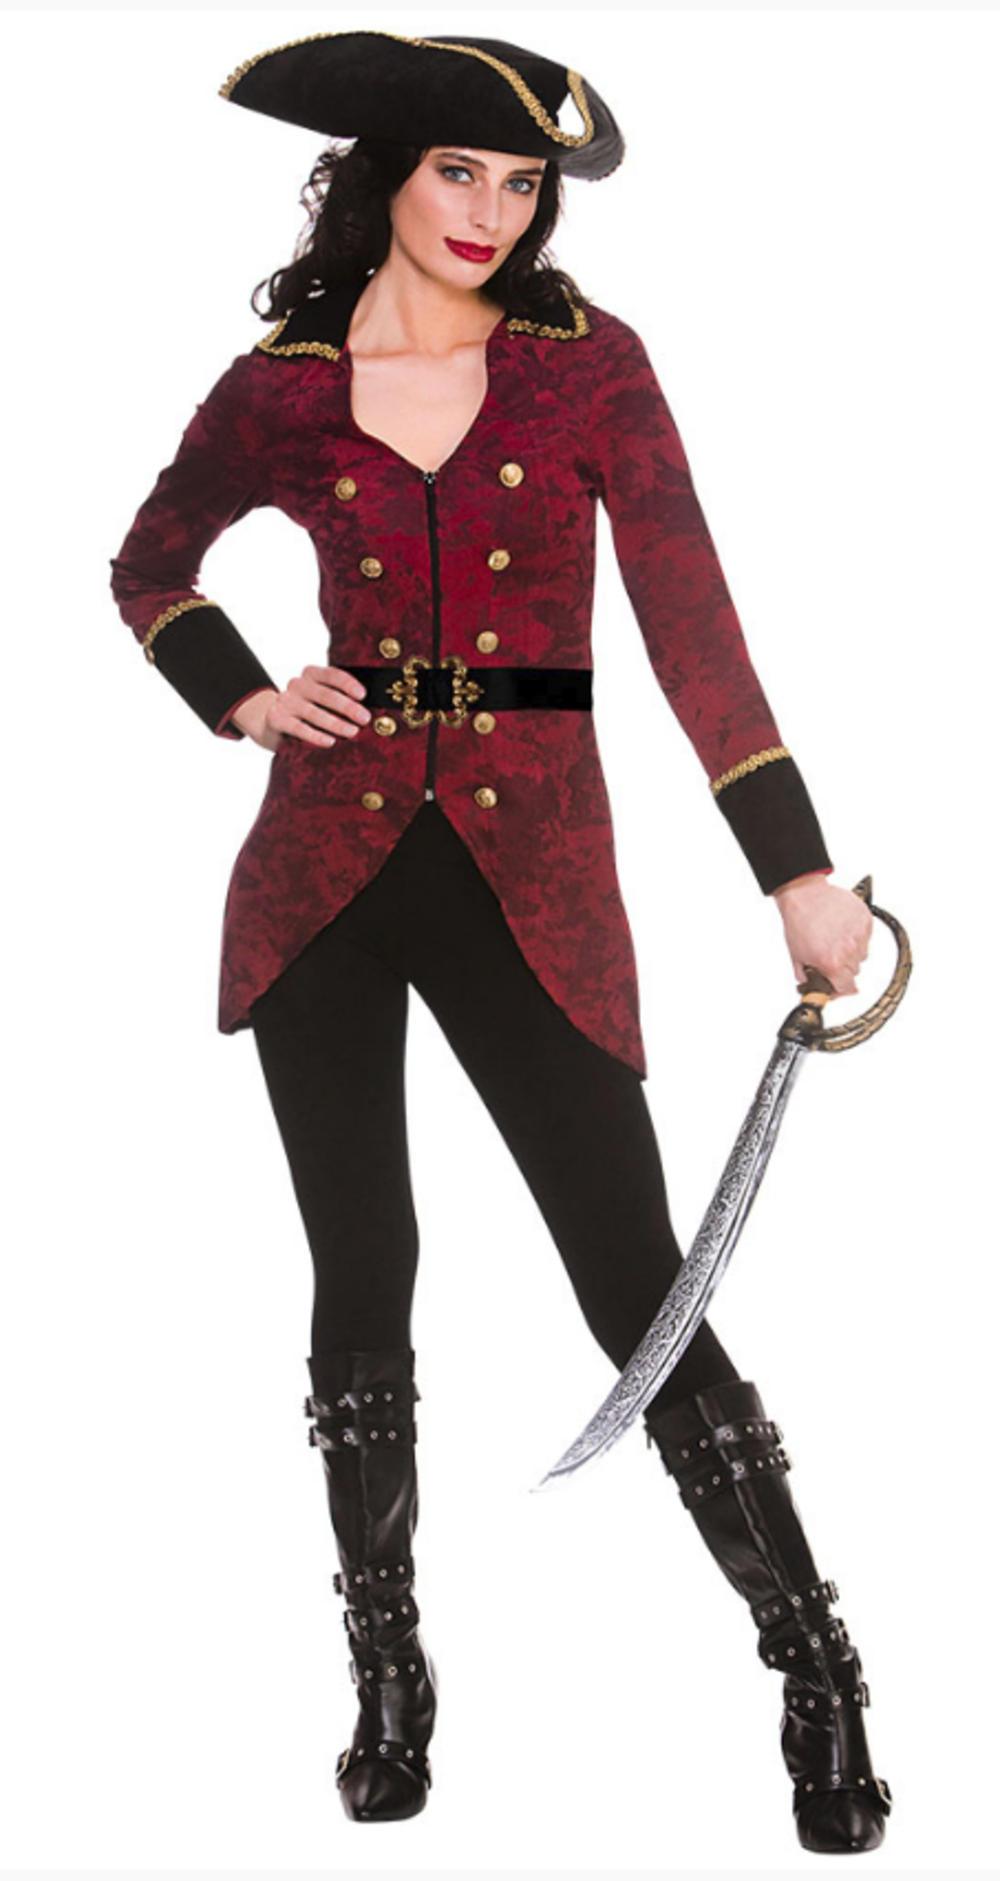 Deluxe Pirate Captain Ladies Costume